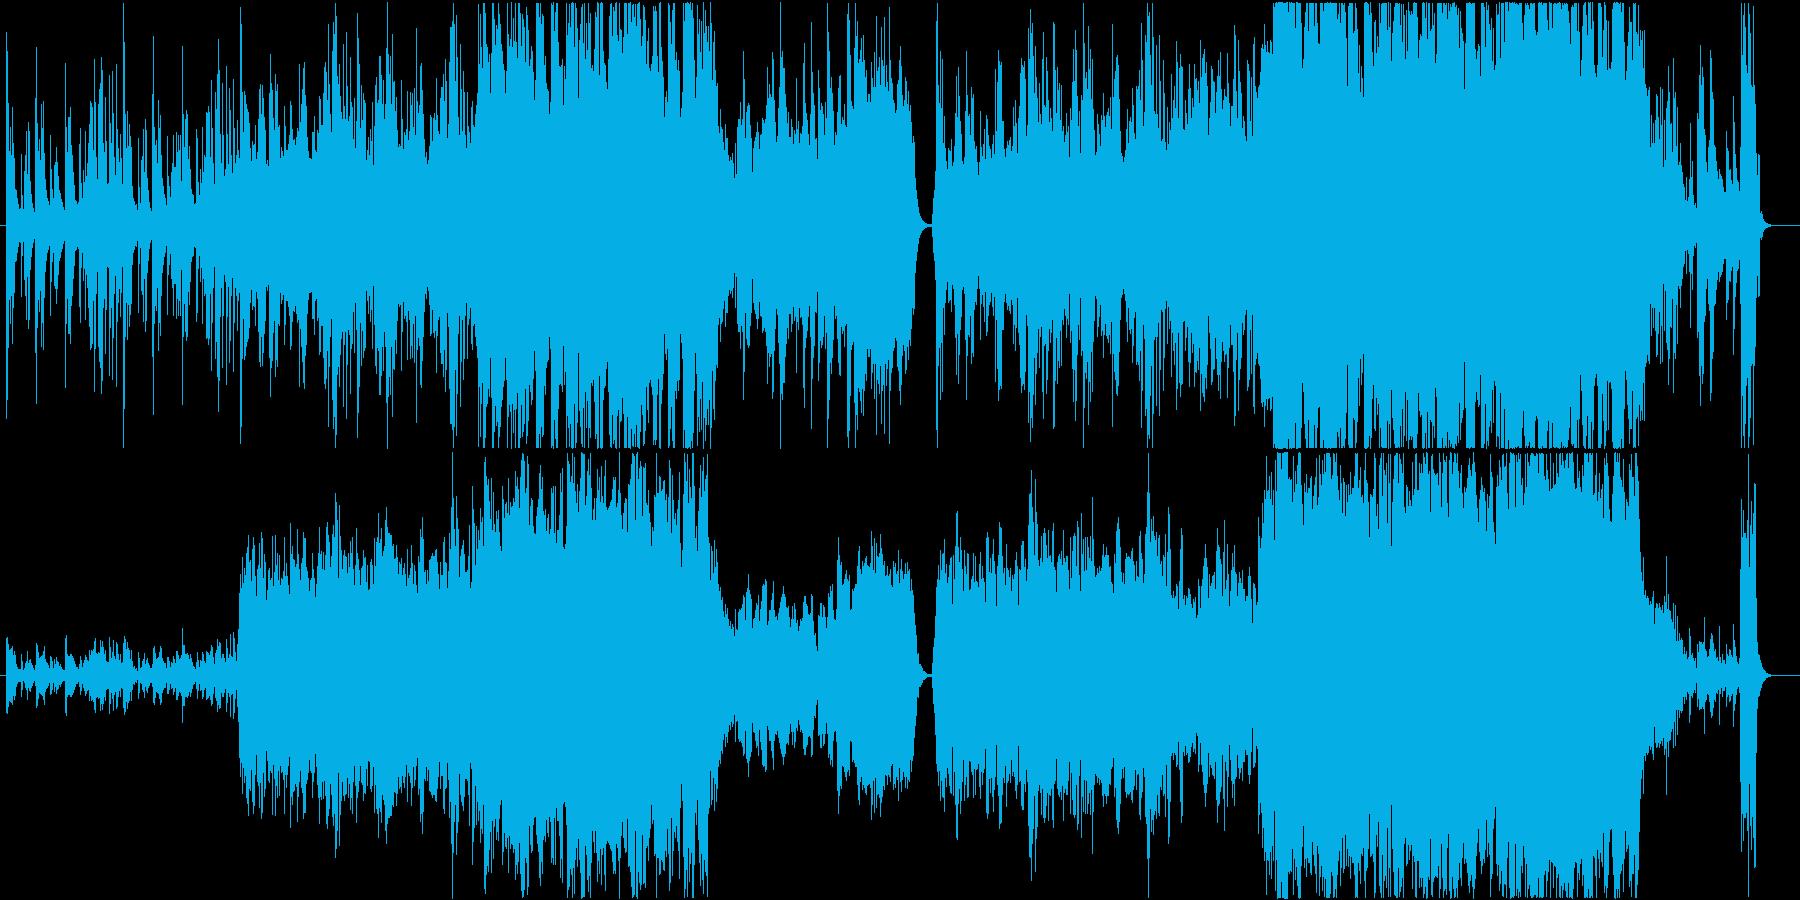 琴線に触れるヴァイオリンの旋律の再生済みの波形